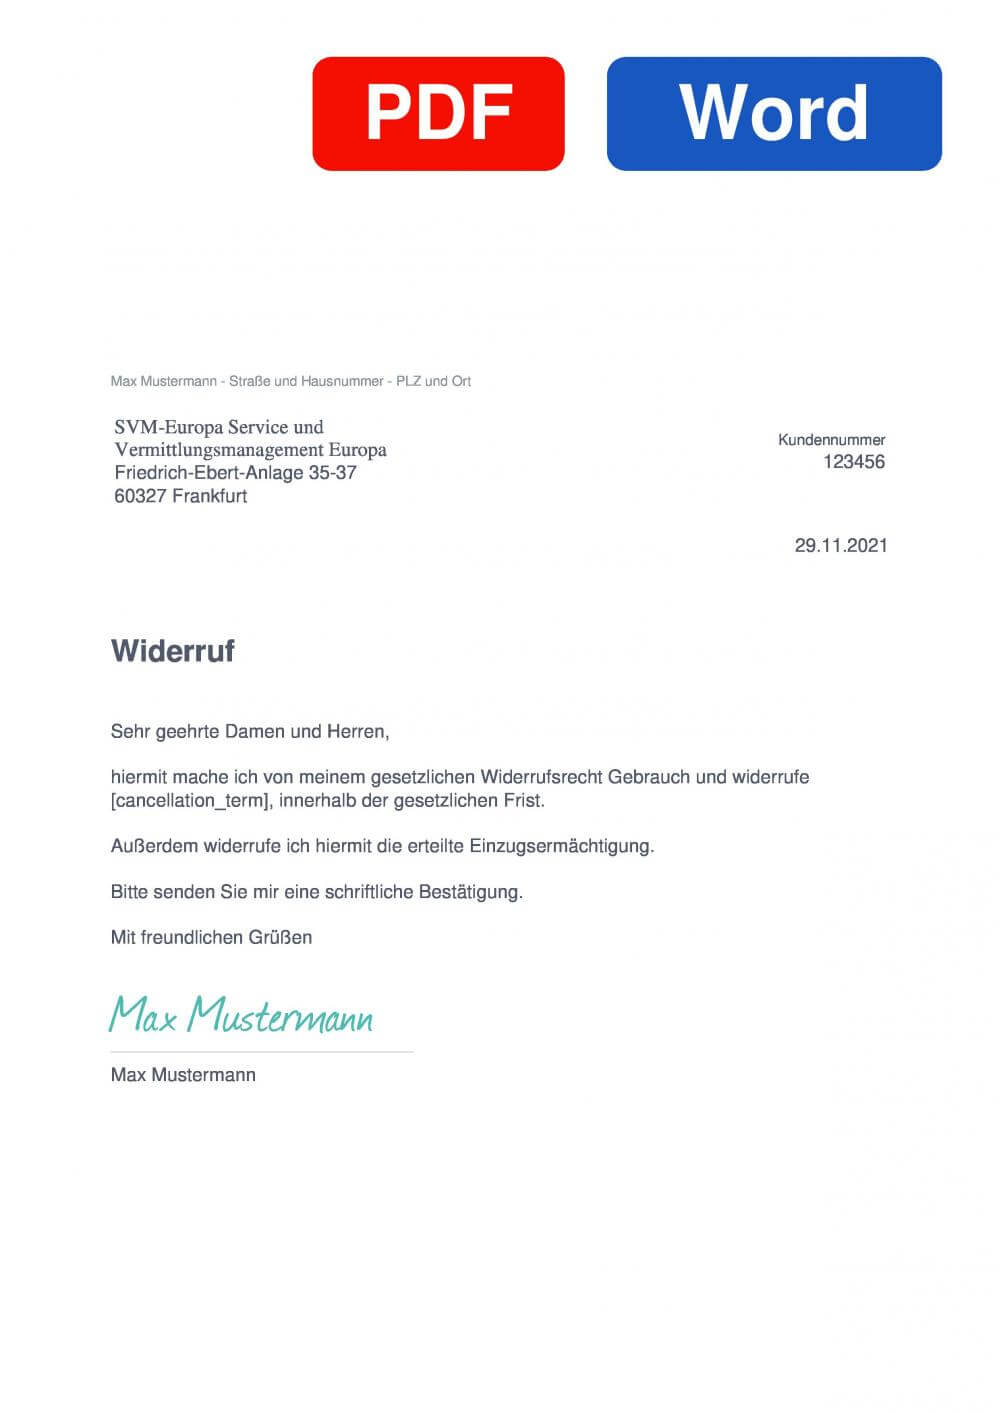 SVM-Europa Muster Vorlage für Wiederrufsschreiben